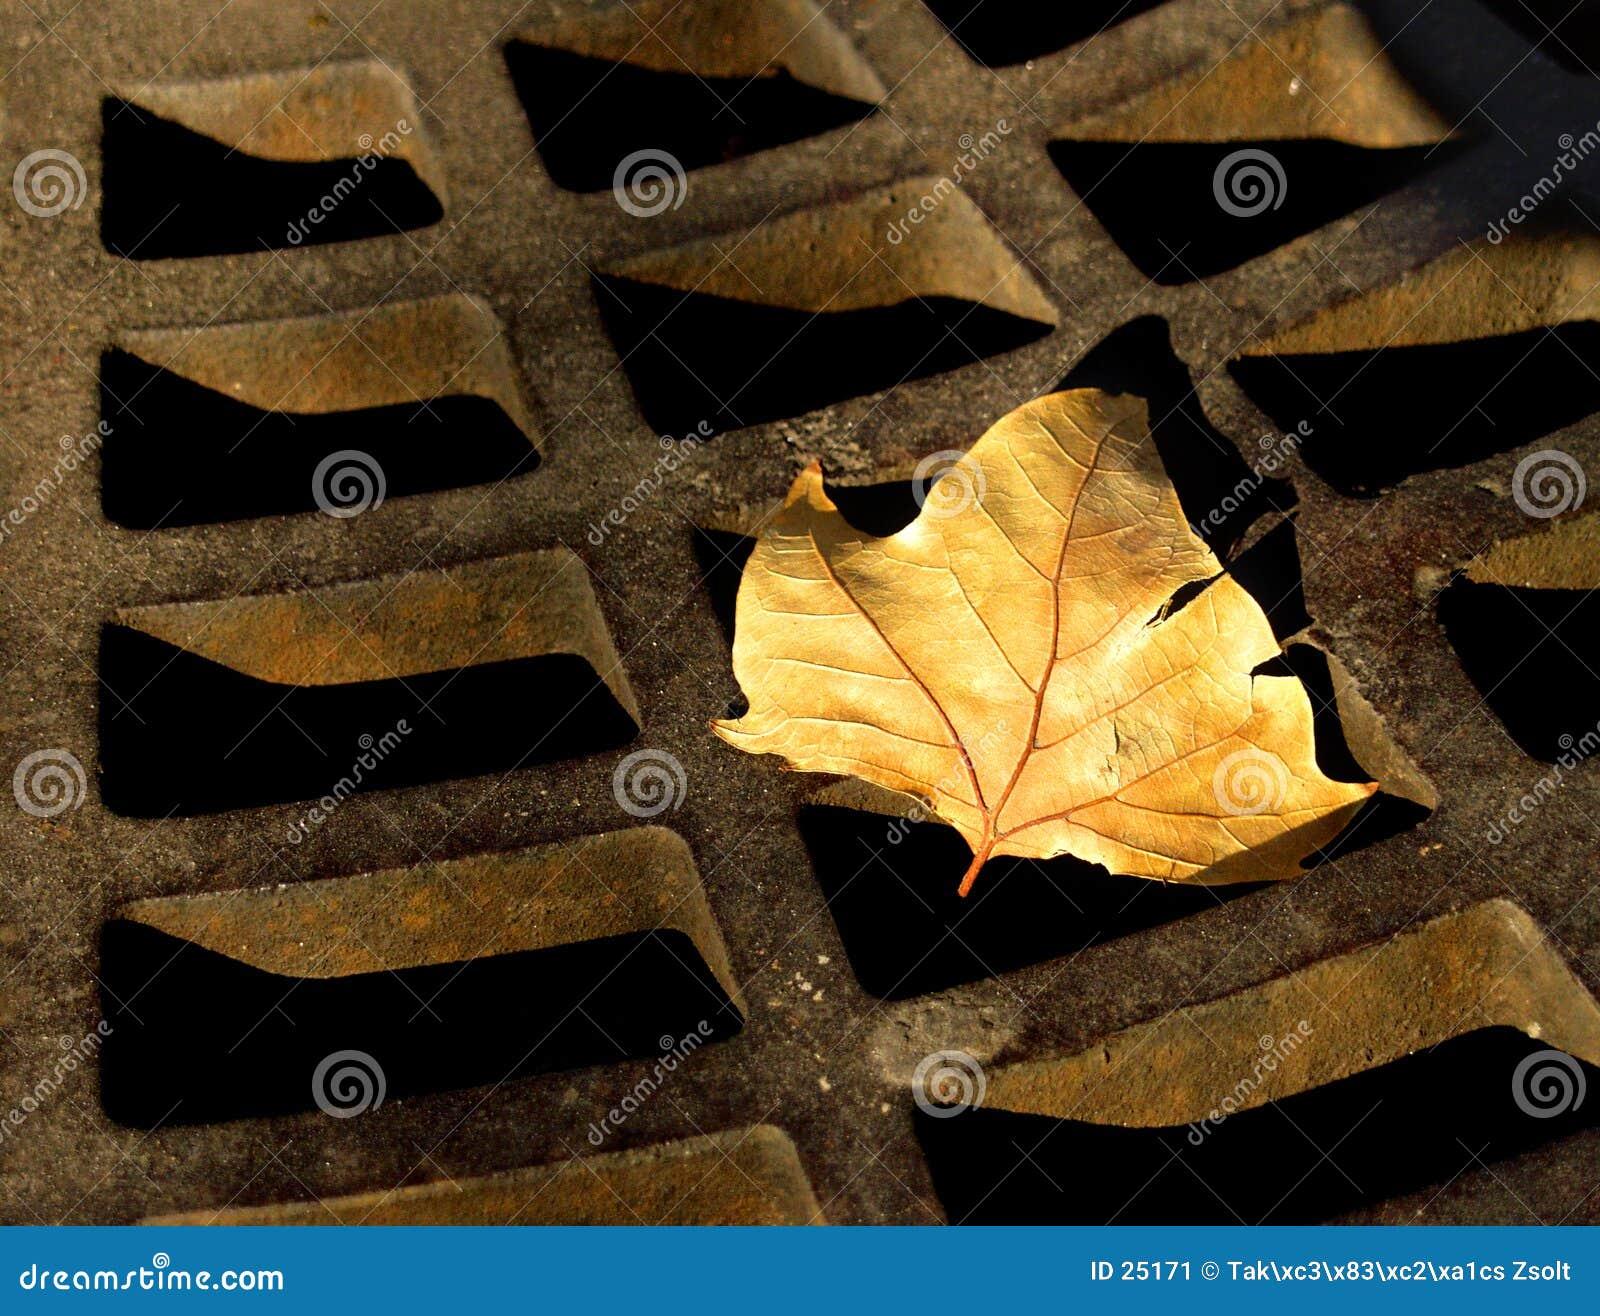 Rdzewiejąca jesieni